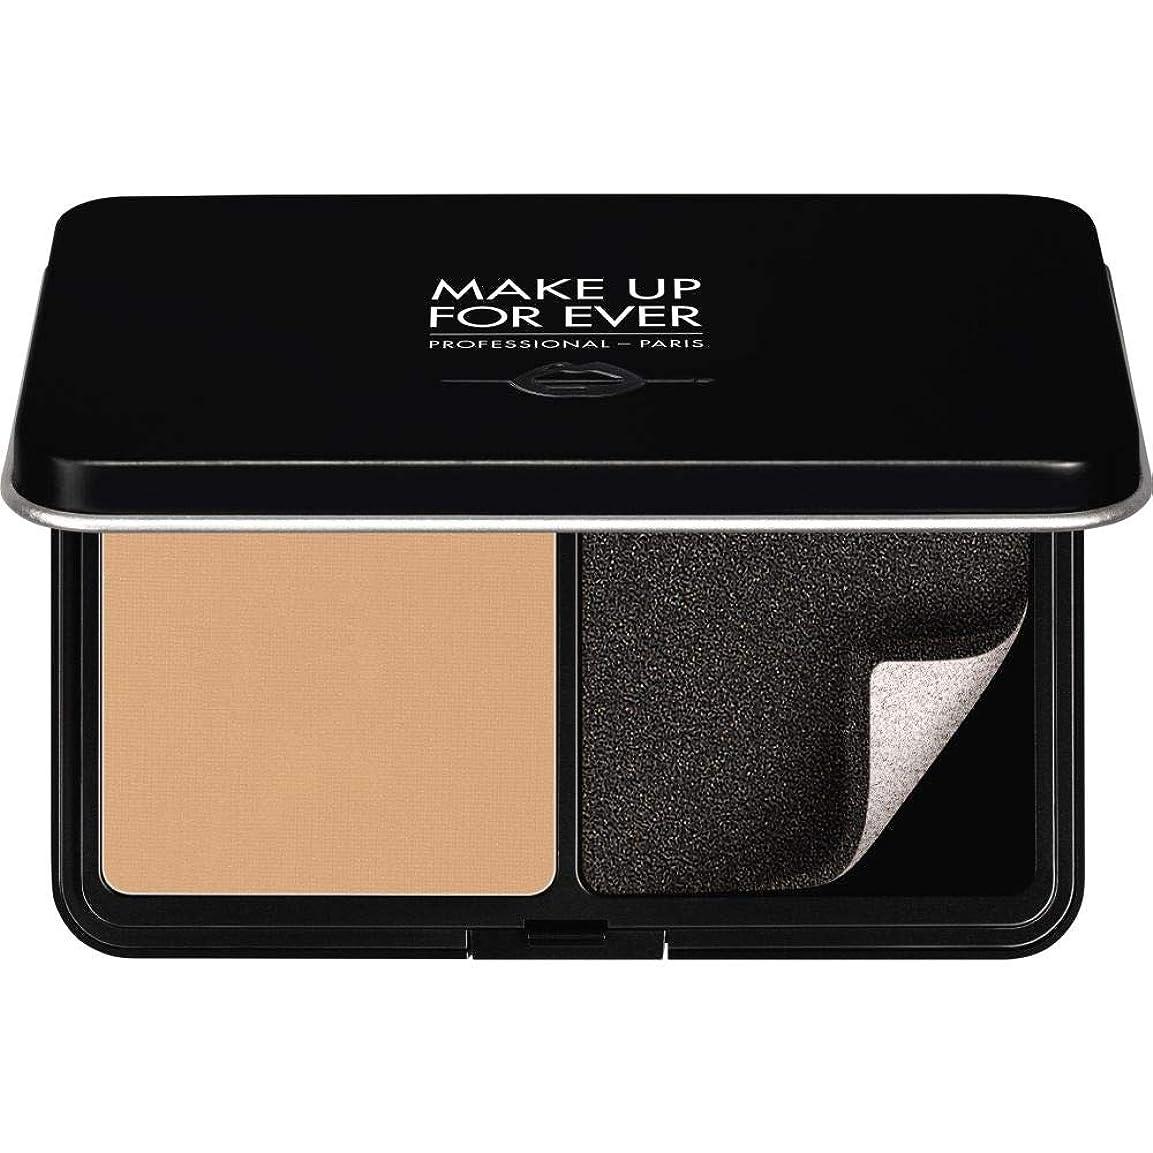 ランドマーク対抗ストレッチ[MAKE UP FOR EVER ] パウダーファンデーション11GののY305をぼかし、これまでマットベルベットの肌を補う - ソフトベージュ - MAKE UP FOR EVER Matte Velvet Skin Blurring Powder Foundation 11g Y305 - Soft Beige [並行輸入品]